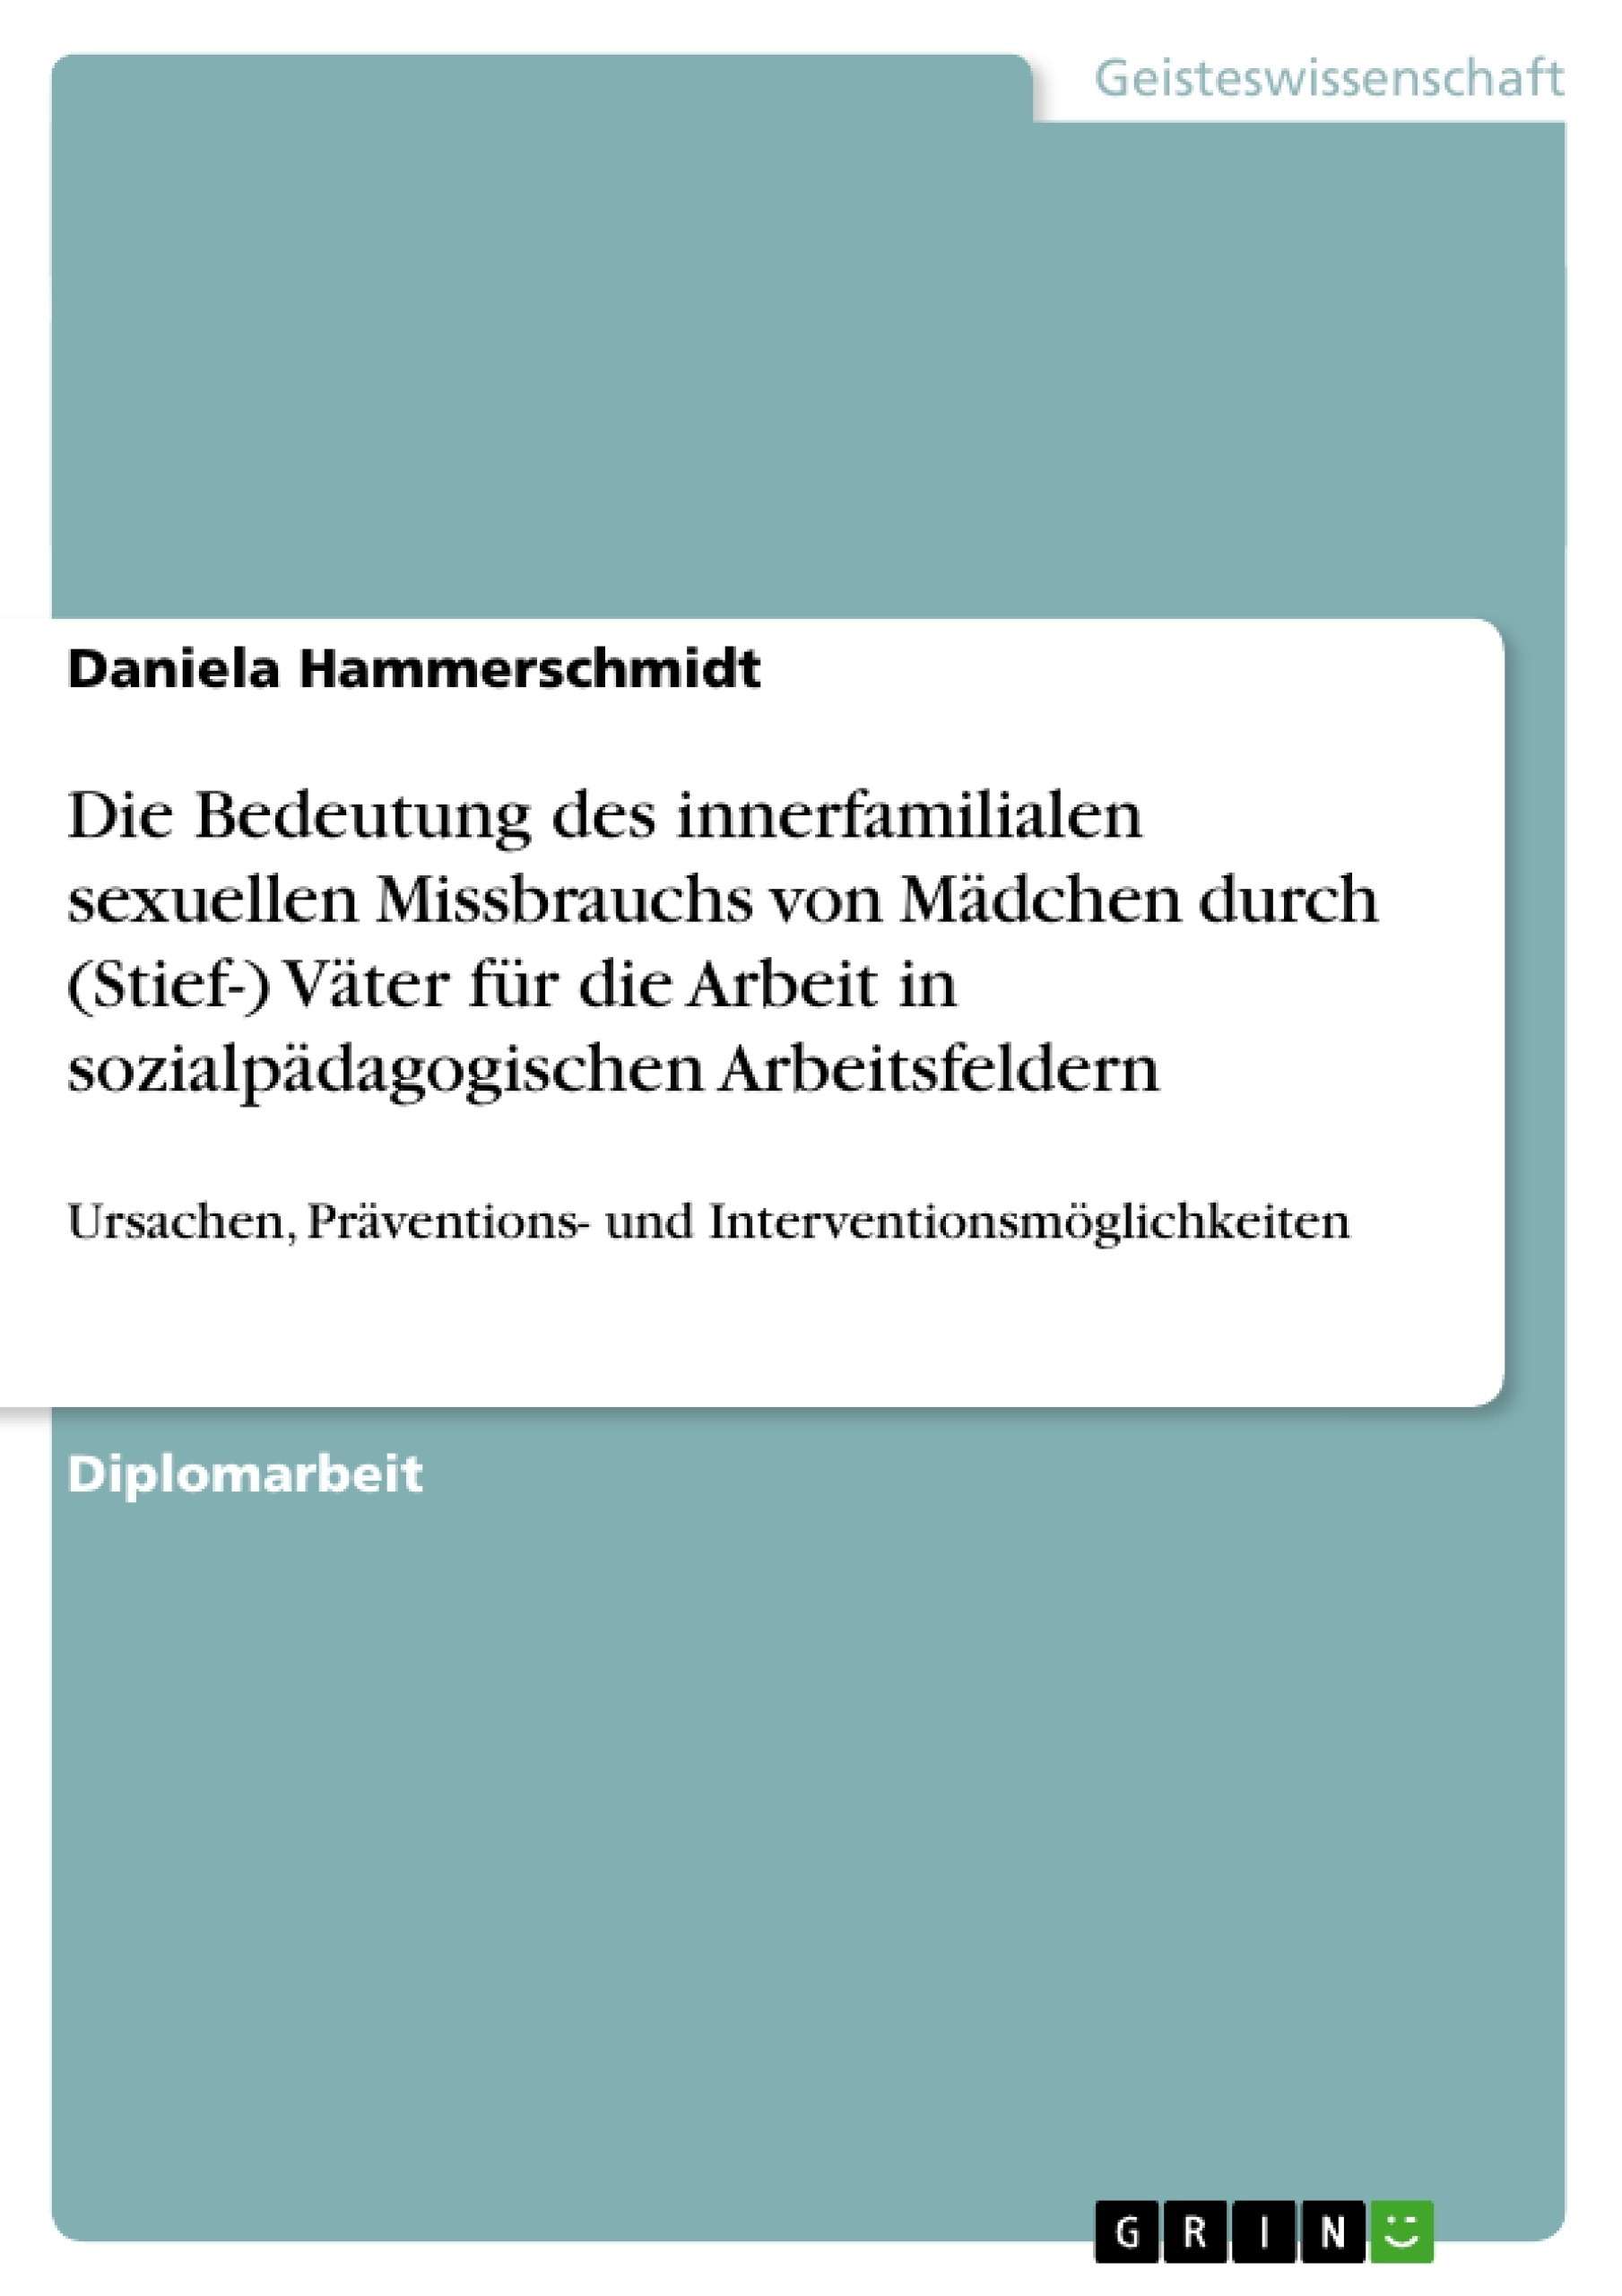 Titel: Die Bedeutung des innerfamilialen sexuellen Missbrauchs von Mädchen durch (Stief-) Väter für die Arbeit in sozialpädagogischen Arbeitsfeldern